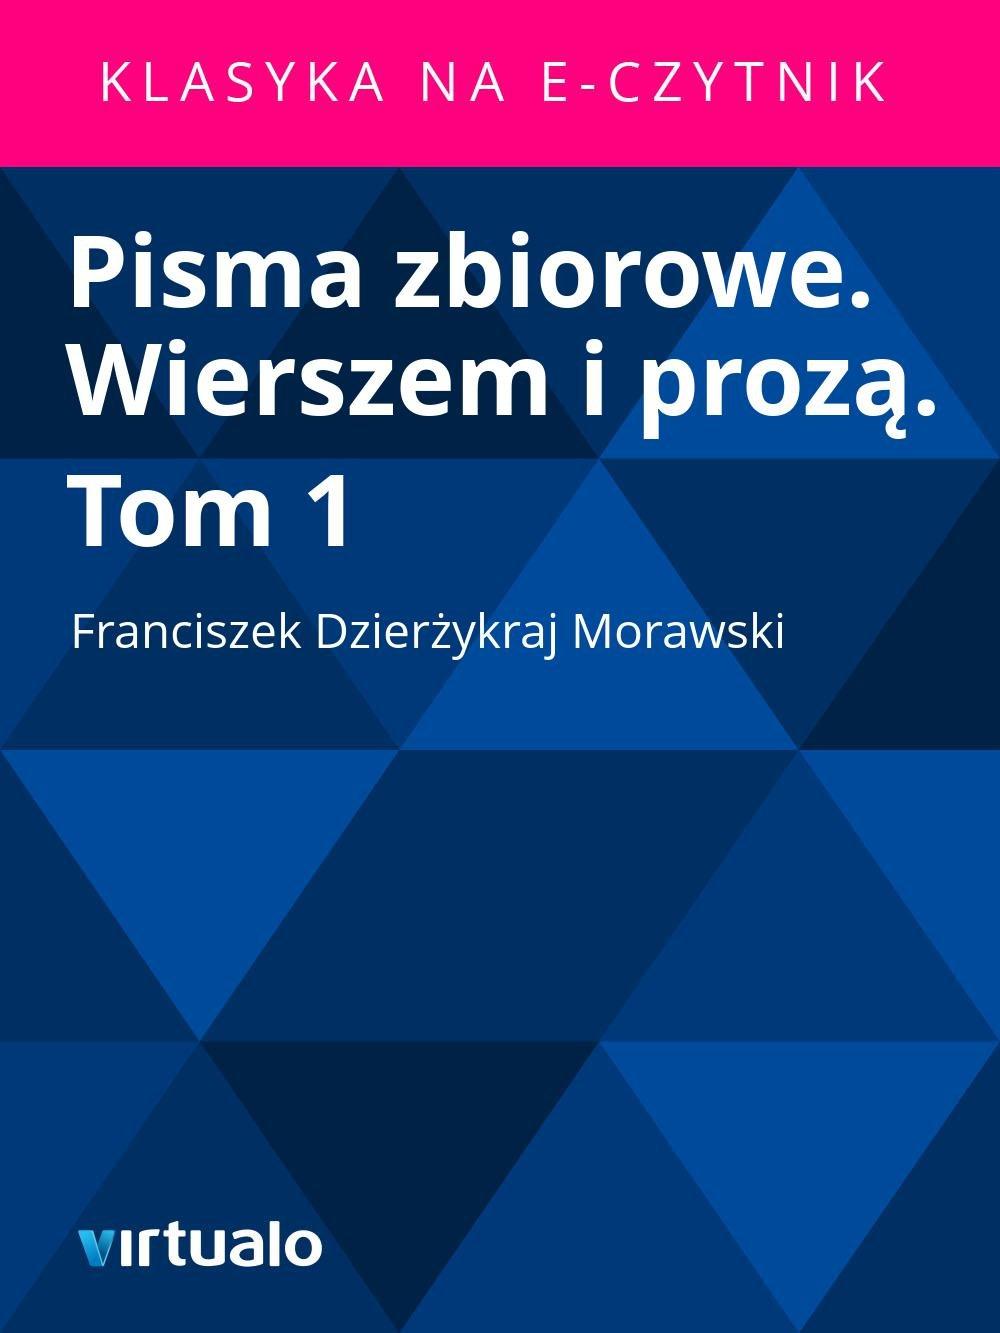 Pisma zbiorowe. Wierszem i prozą. Tom 1 - Ebook (Książka EPUB) do pobrania w formacie EPUB